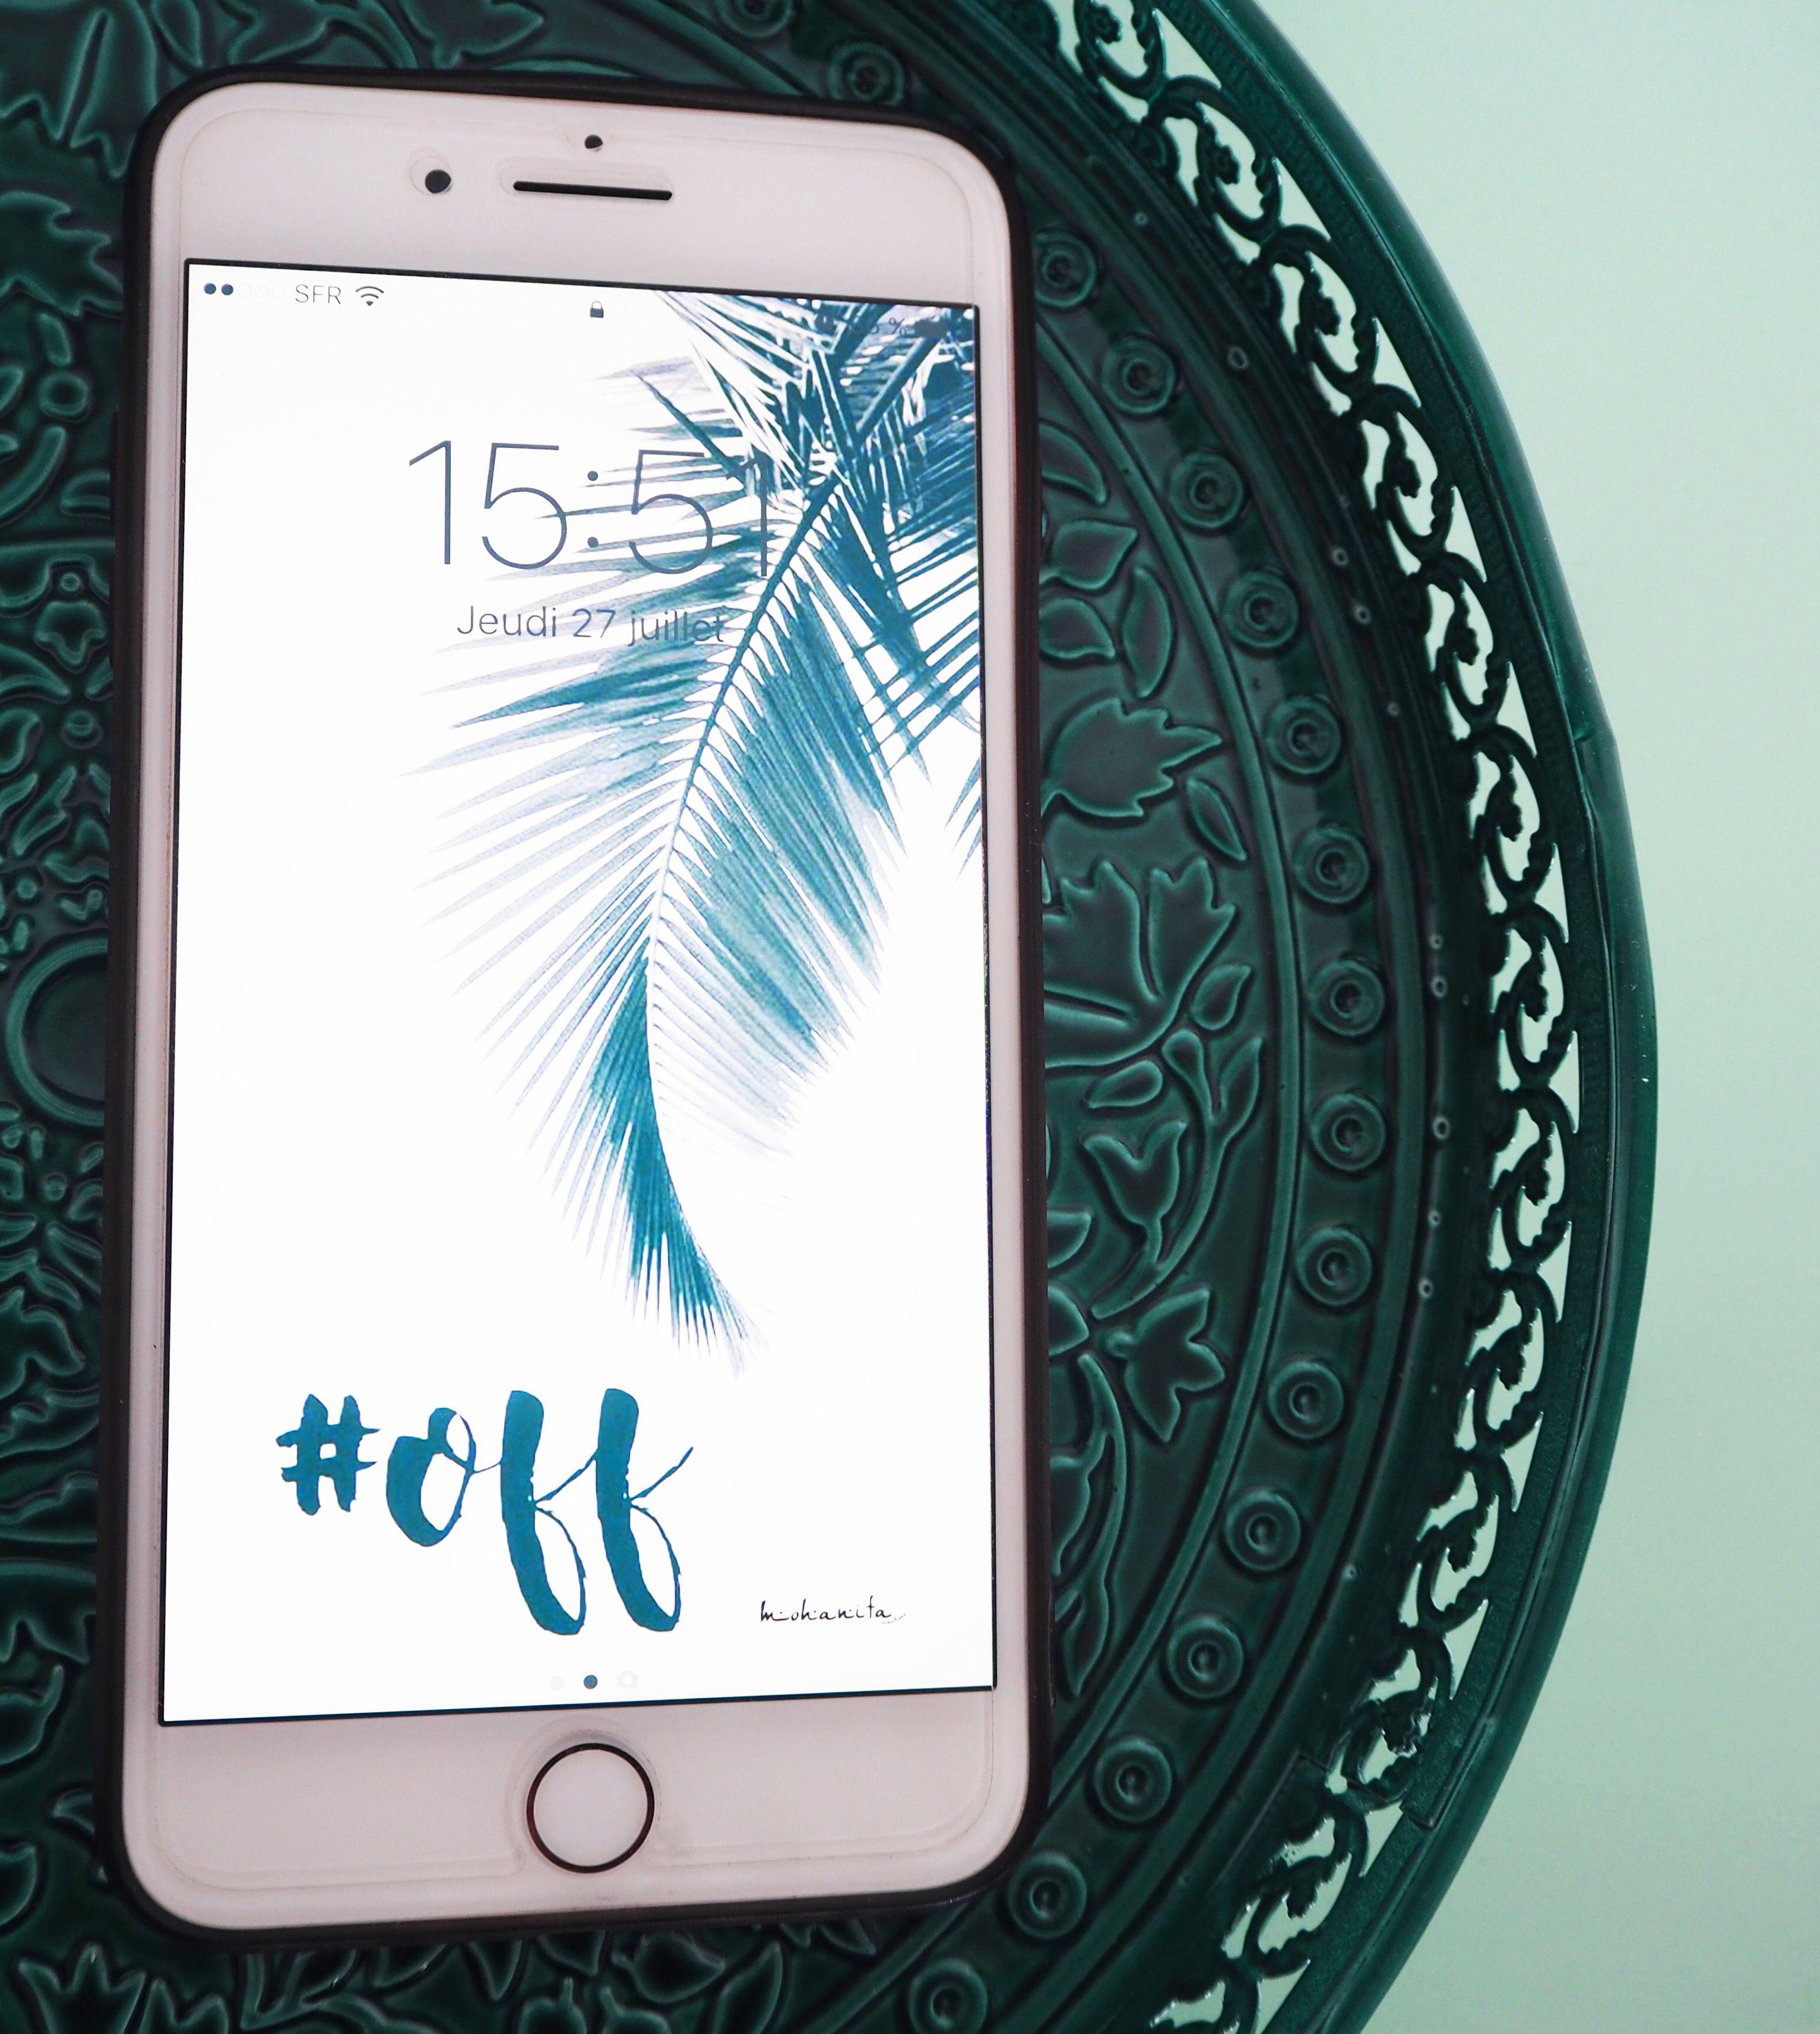 Mohanita Bleu Ocean Le Fond D Ecran Iphone A Telecharger Mohanita Fond D Ecran Iphone Iphone Ecran Iphone